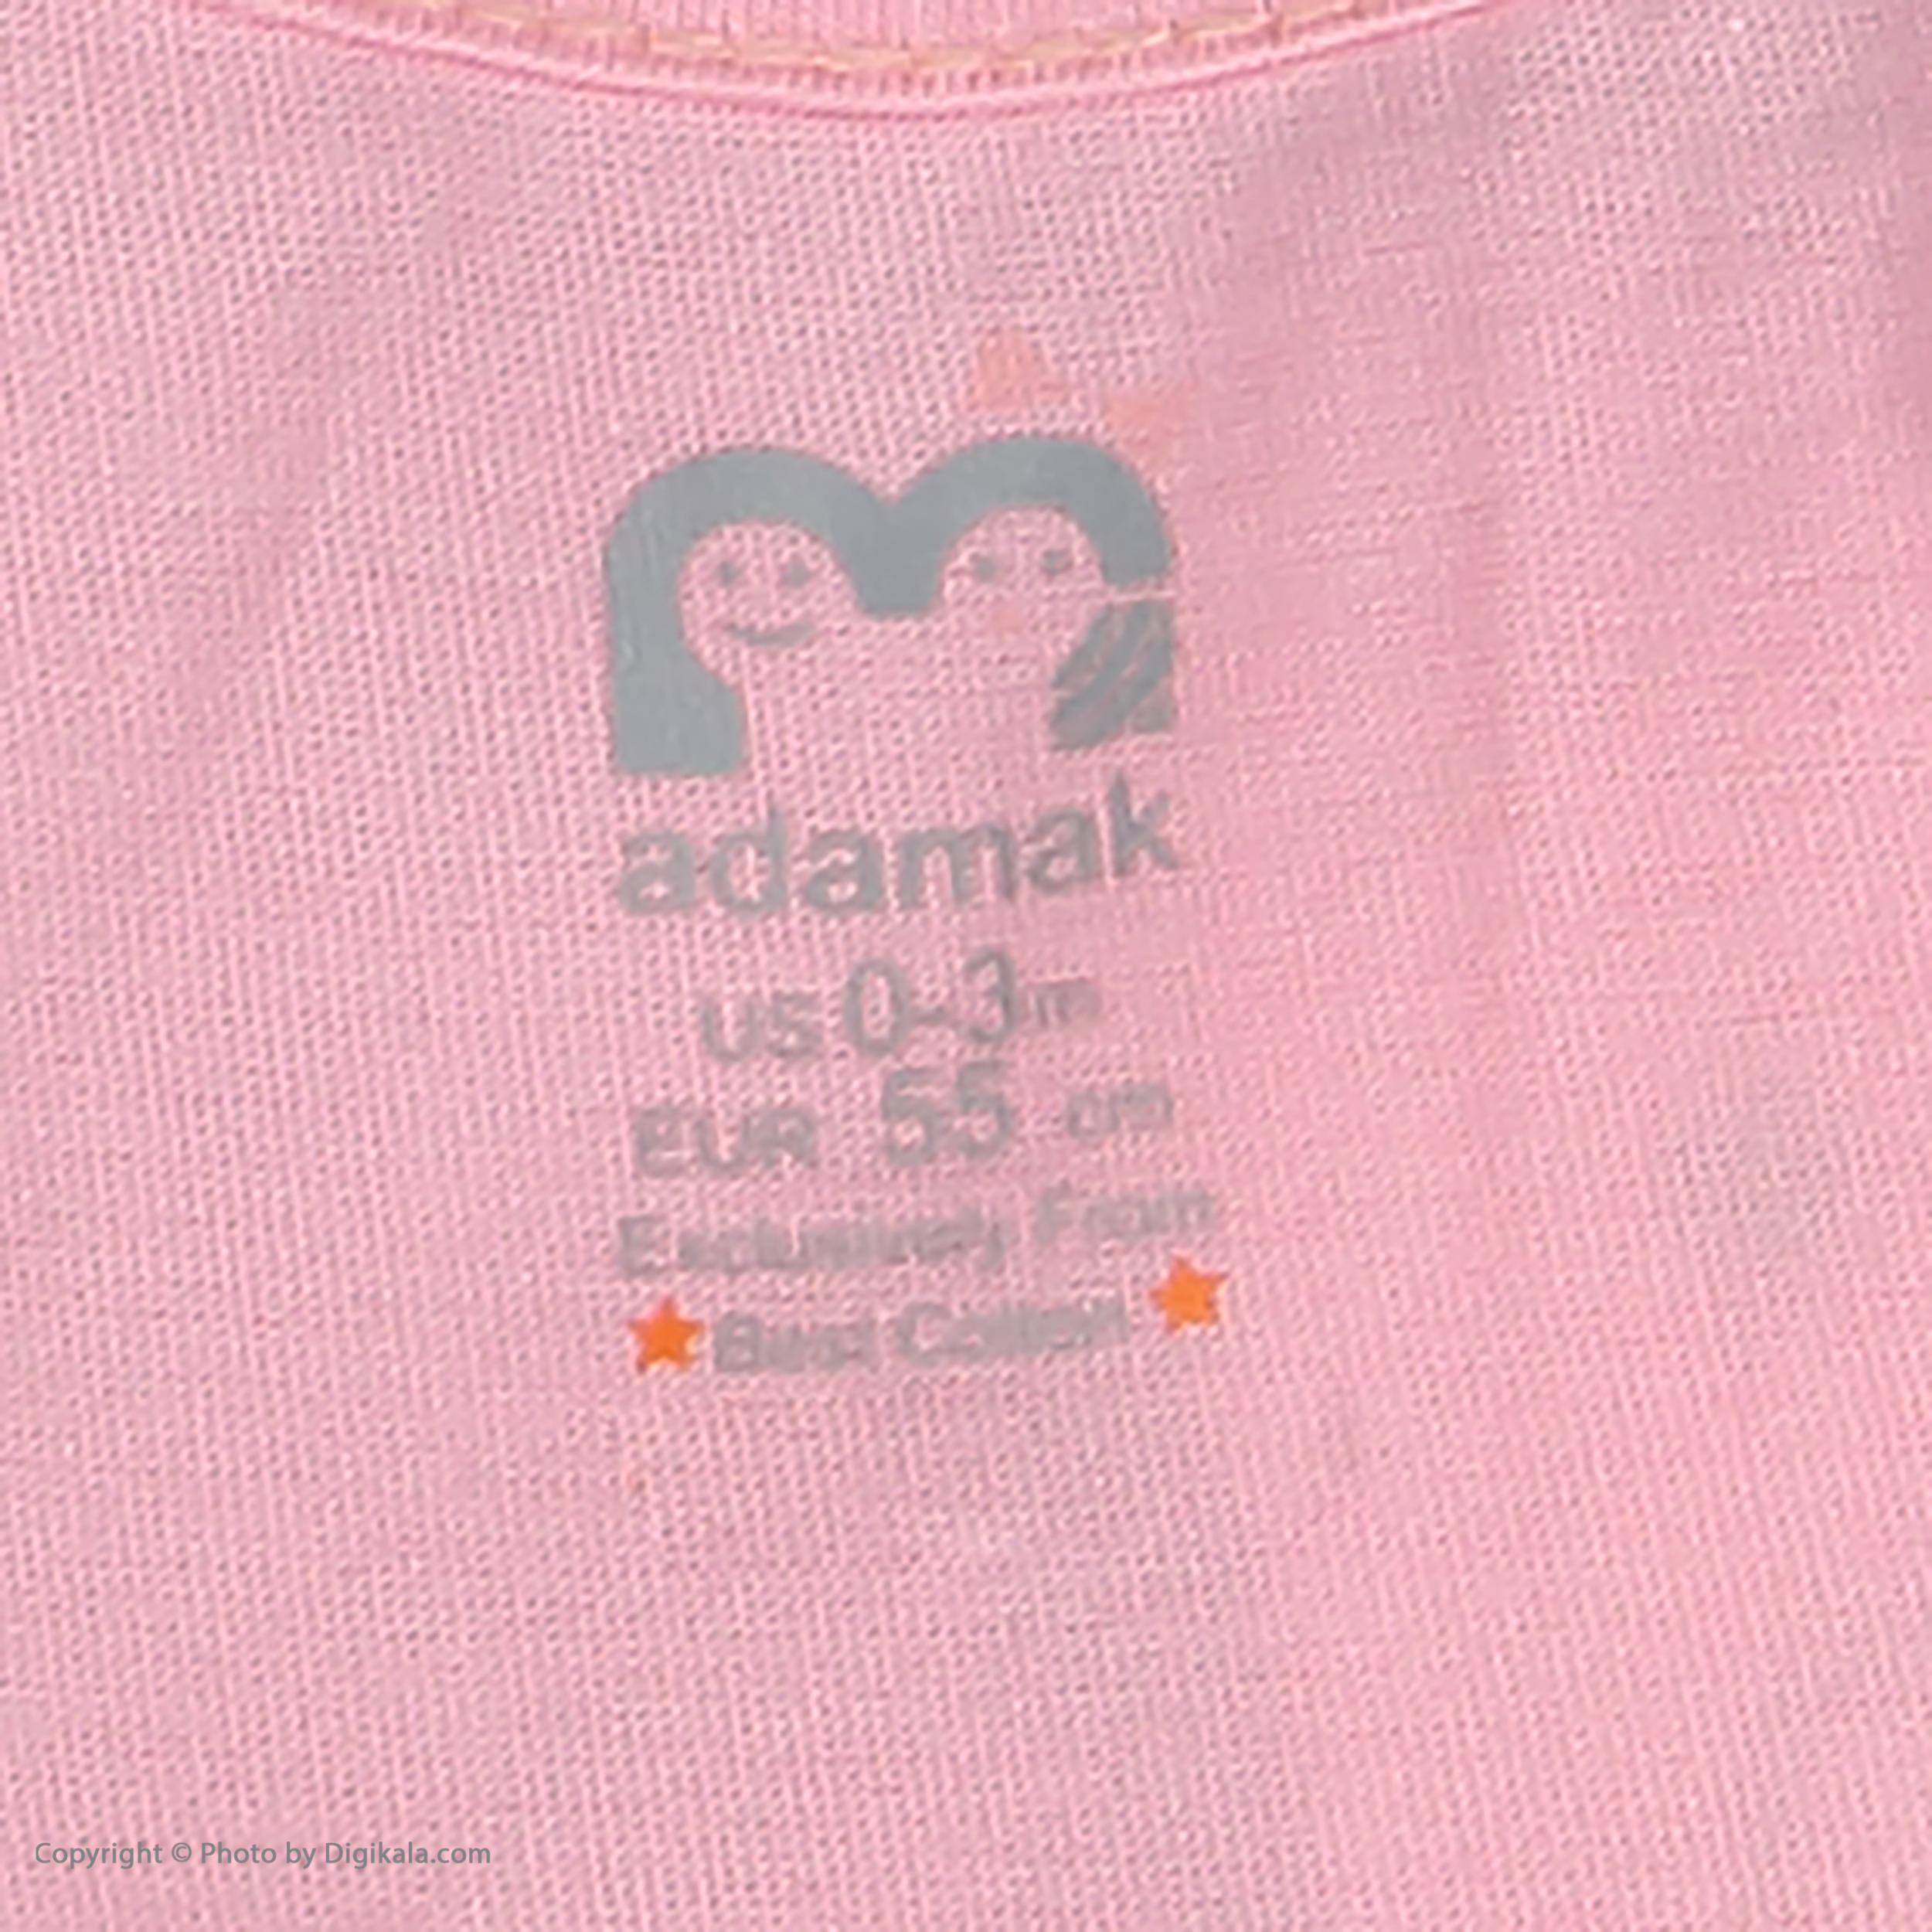 ست پیراهن و شورت نوزادی دخترانه مدل 2171111-84 -  - 10